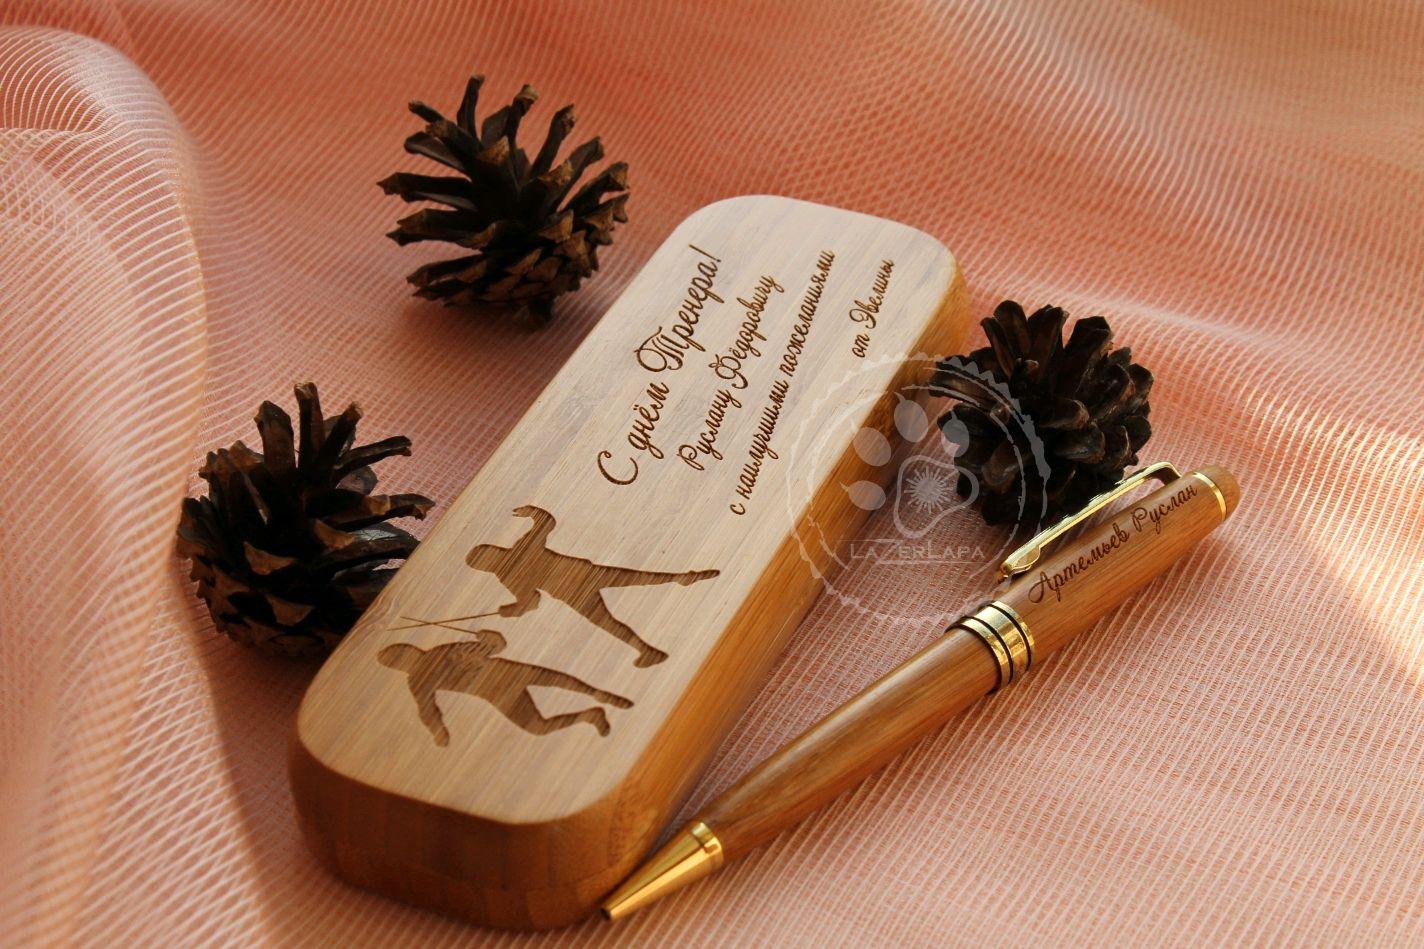 Ручка с гравировкой подарок мужчине коллеге тренеру день рождения мужа, Ручки, Тверь,  Фото №1